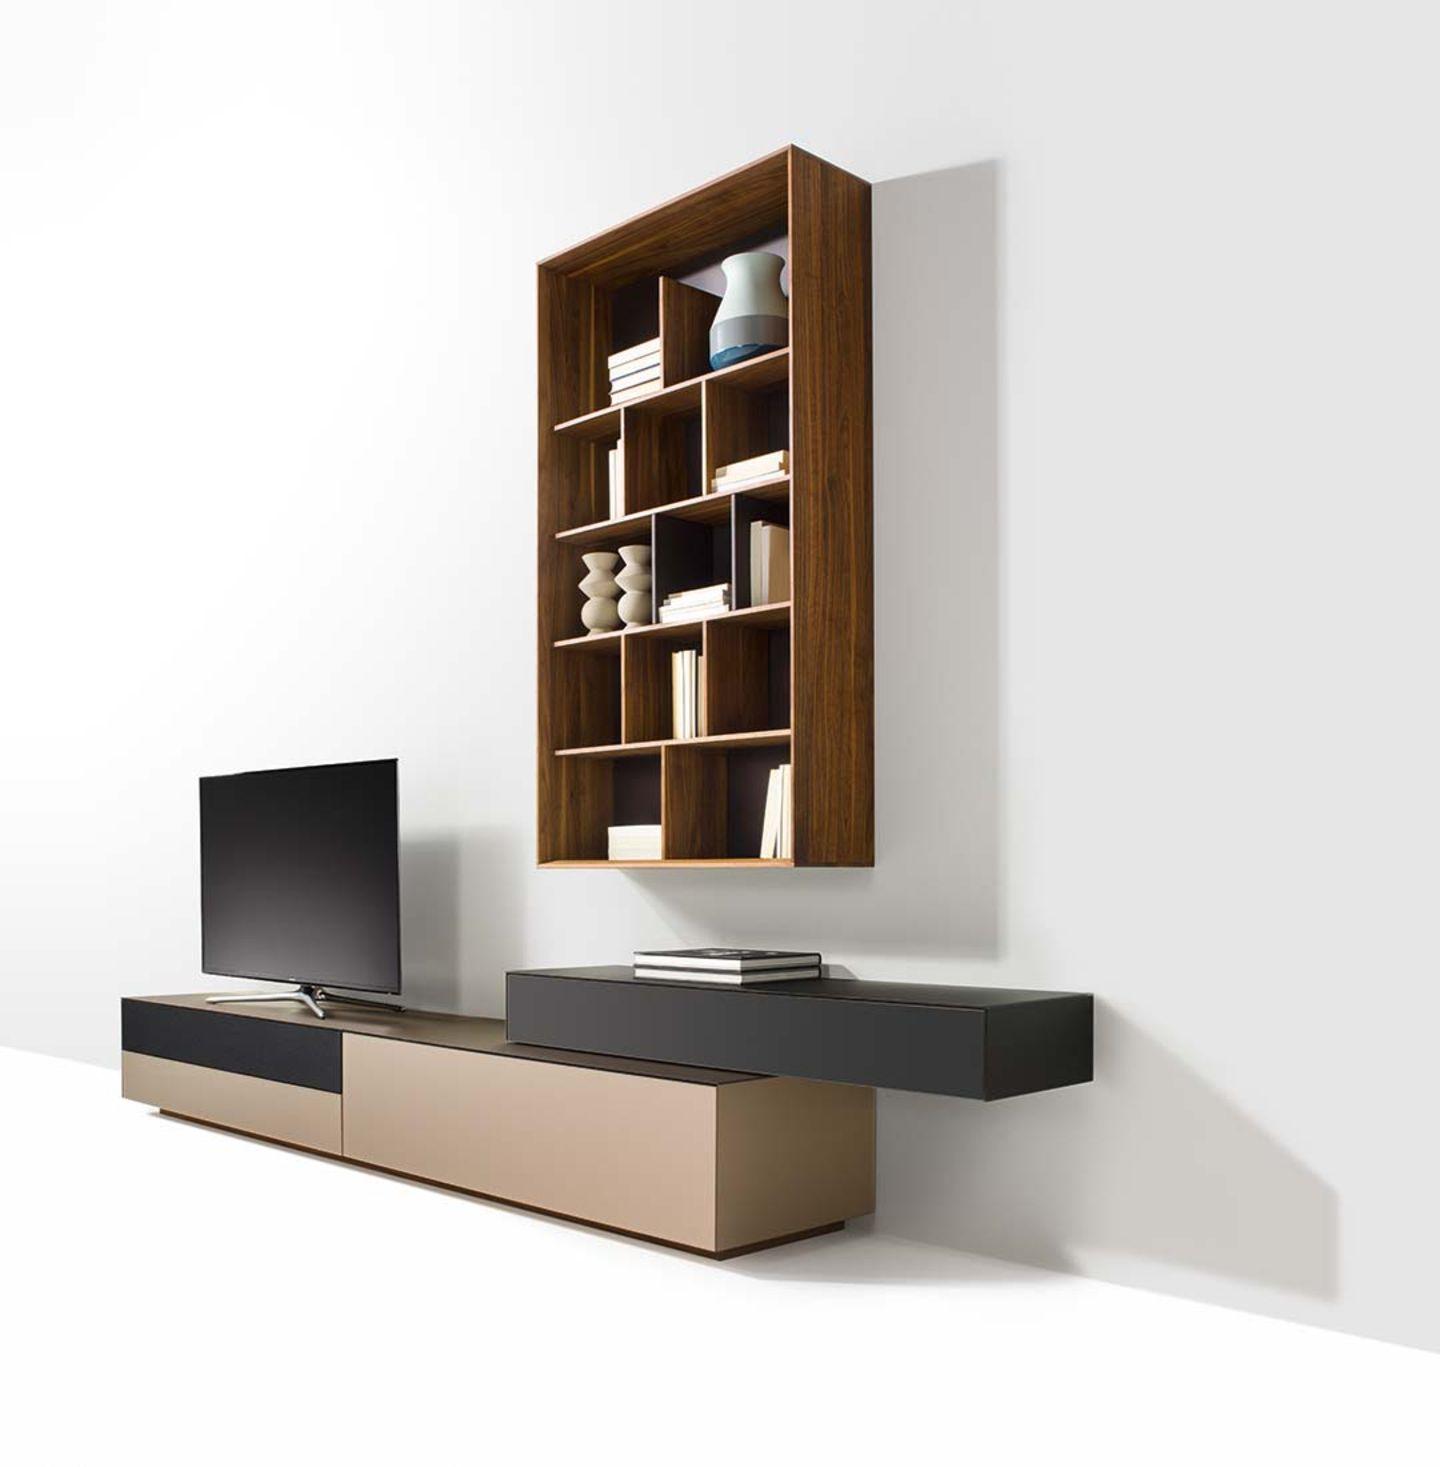 """Стенная мебель """"cubus pure"""" с элементами дизайна из орехового дерева"""